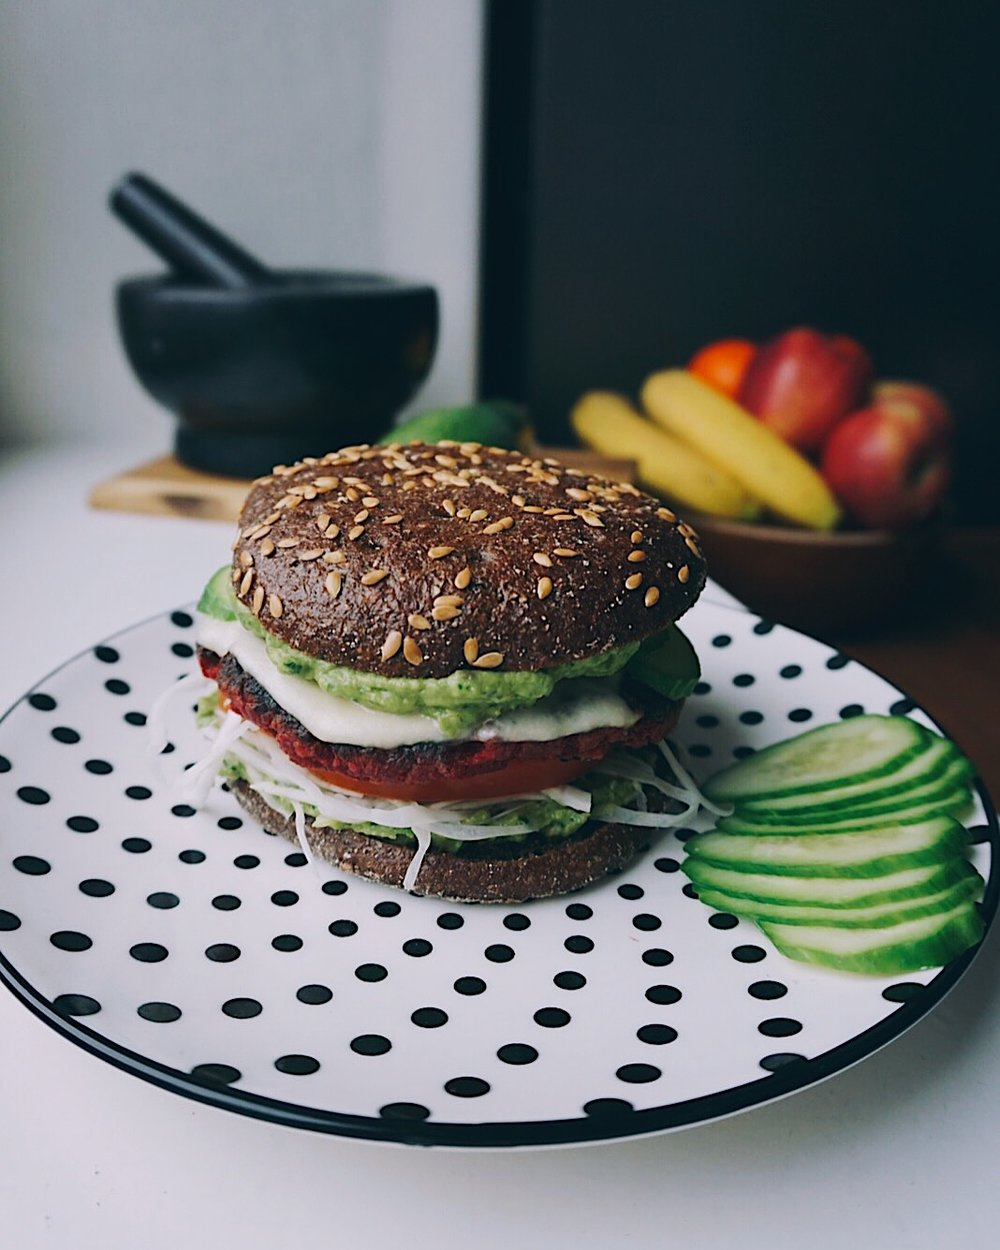 kraukšķīgais biešu burgeris ar avokado mērci - vienkāršs un ļoti gards veģetārs burgeris, kas priecēs ne tikai ar savu garšu,bet arī kraukšķīgumu un acij tīkamām krāsām.